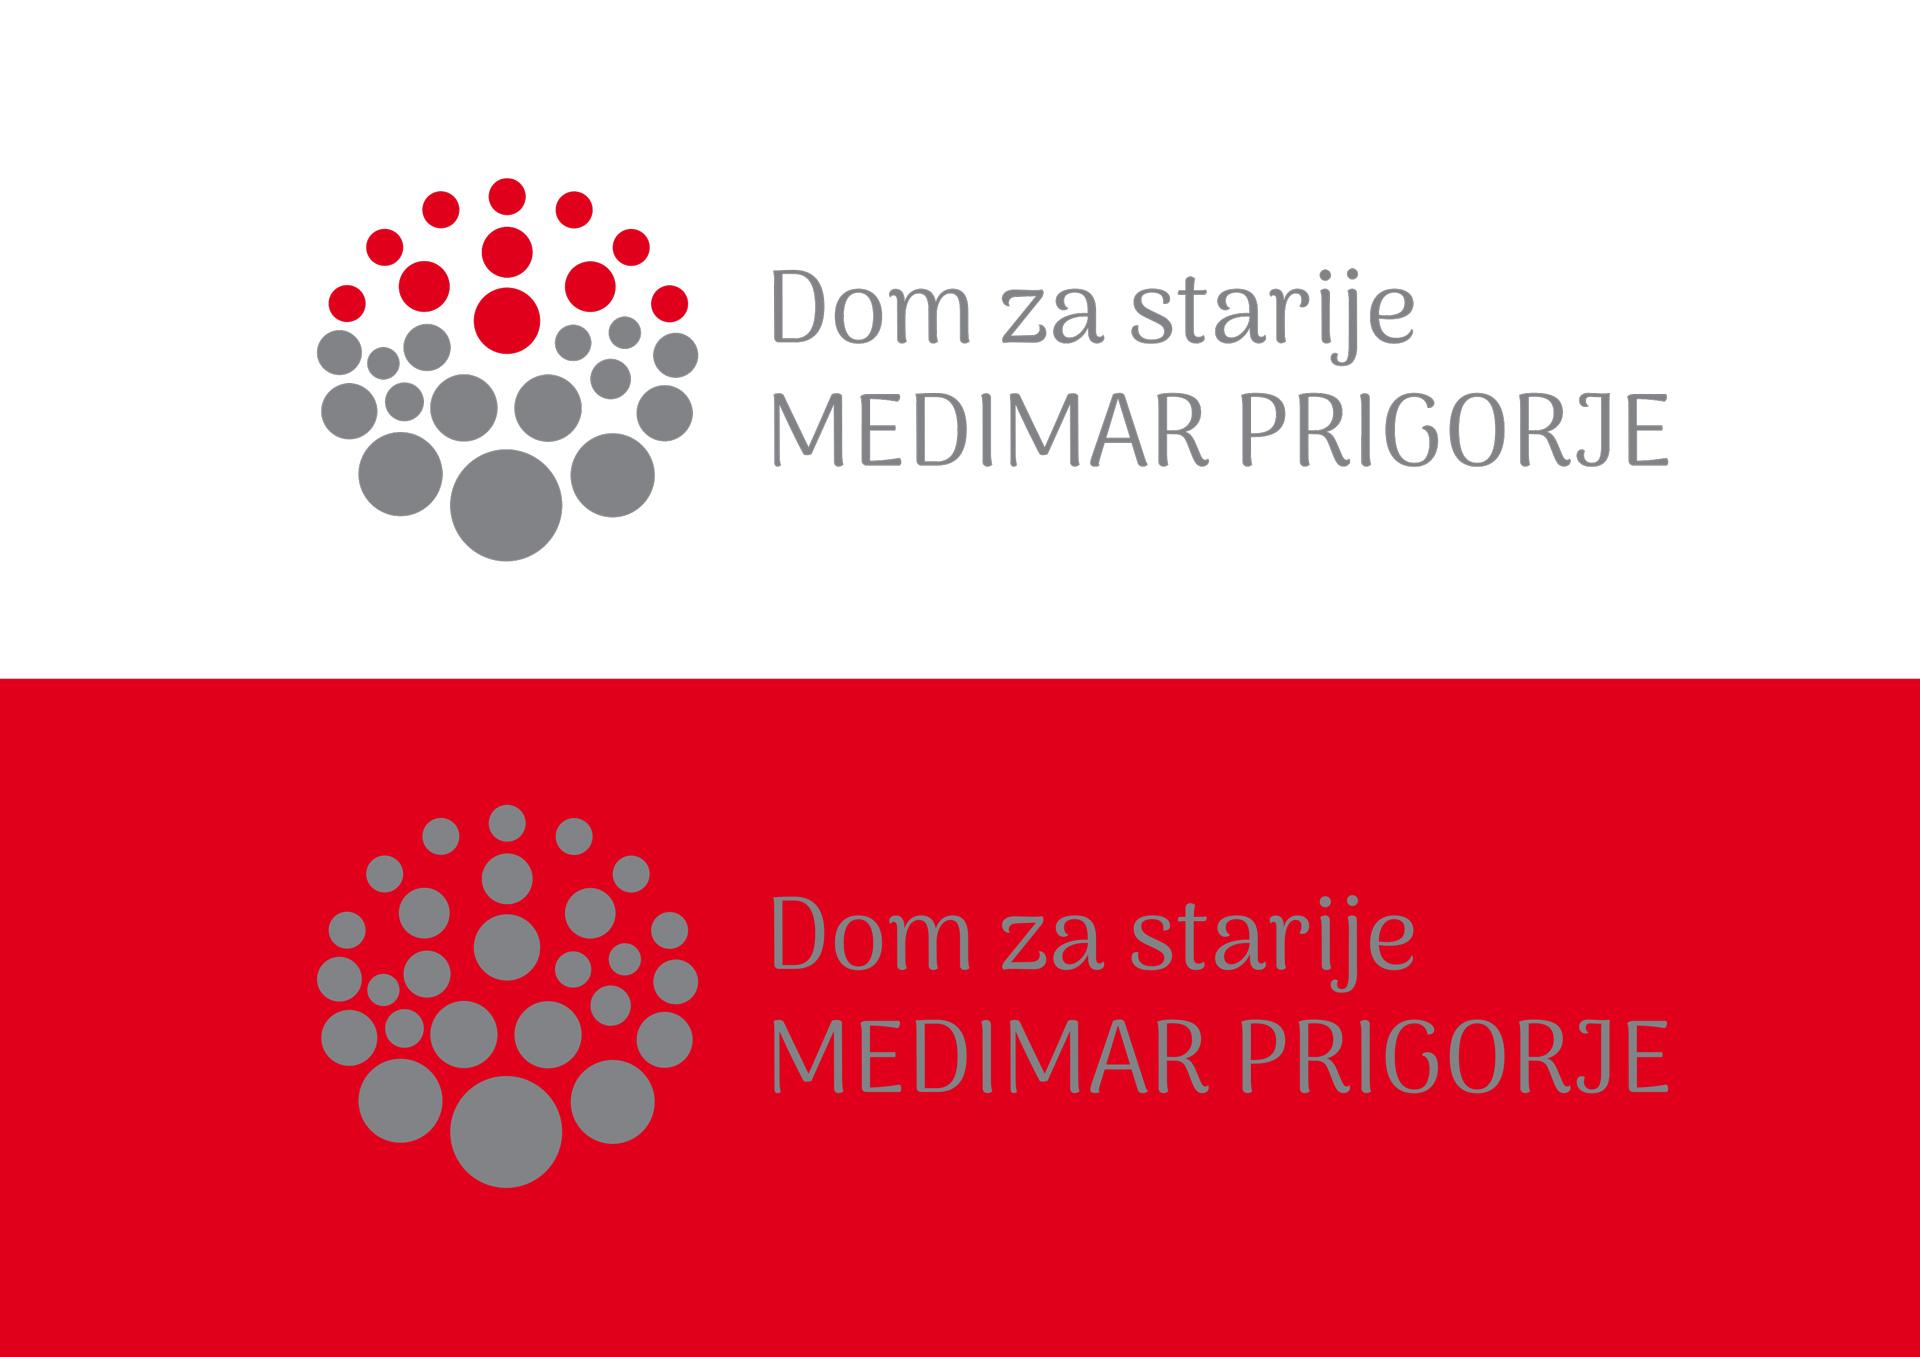 Medimar Prigorje Visual identity